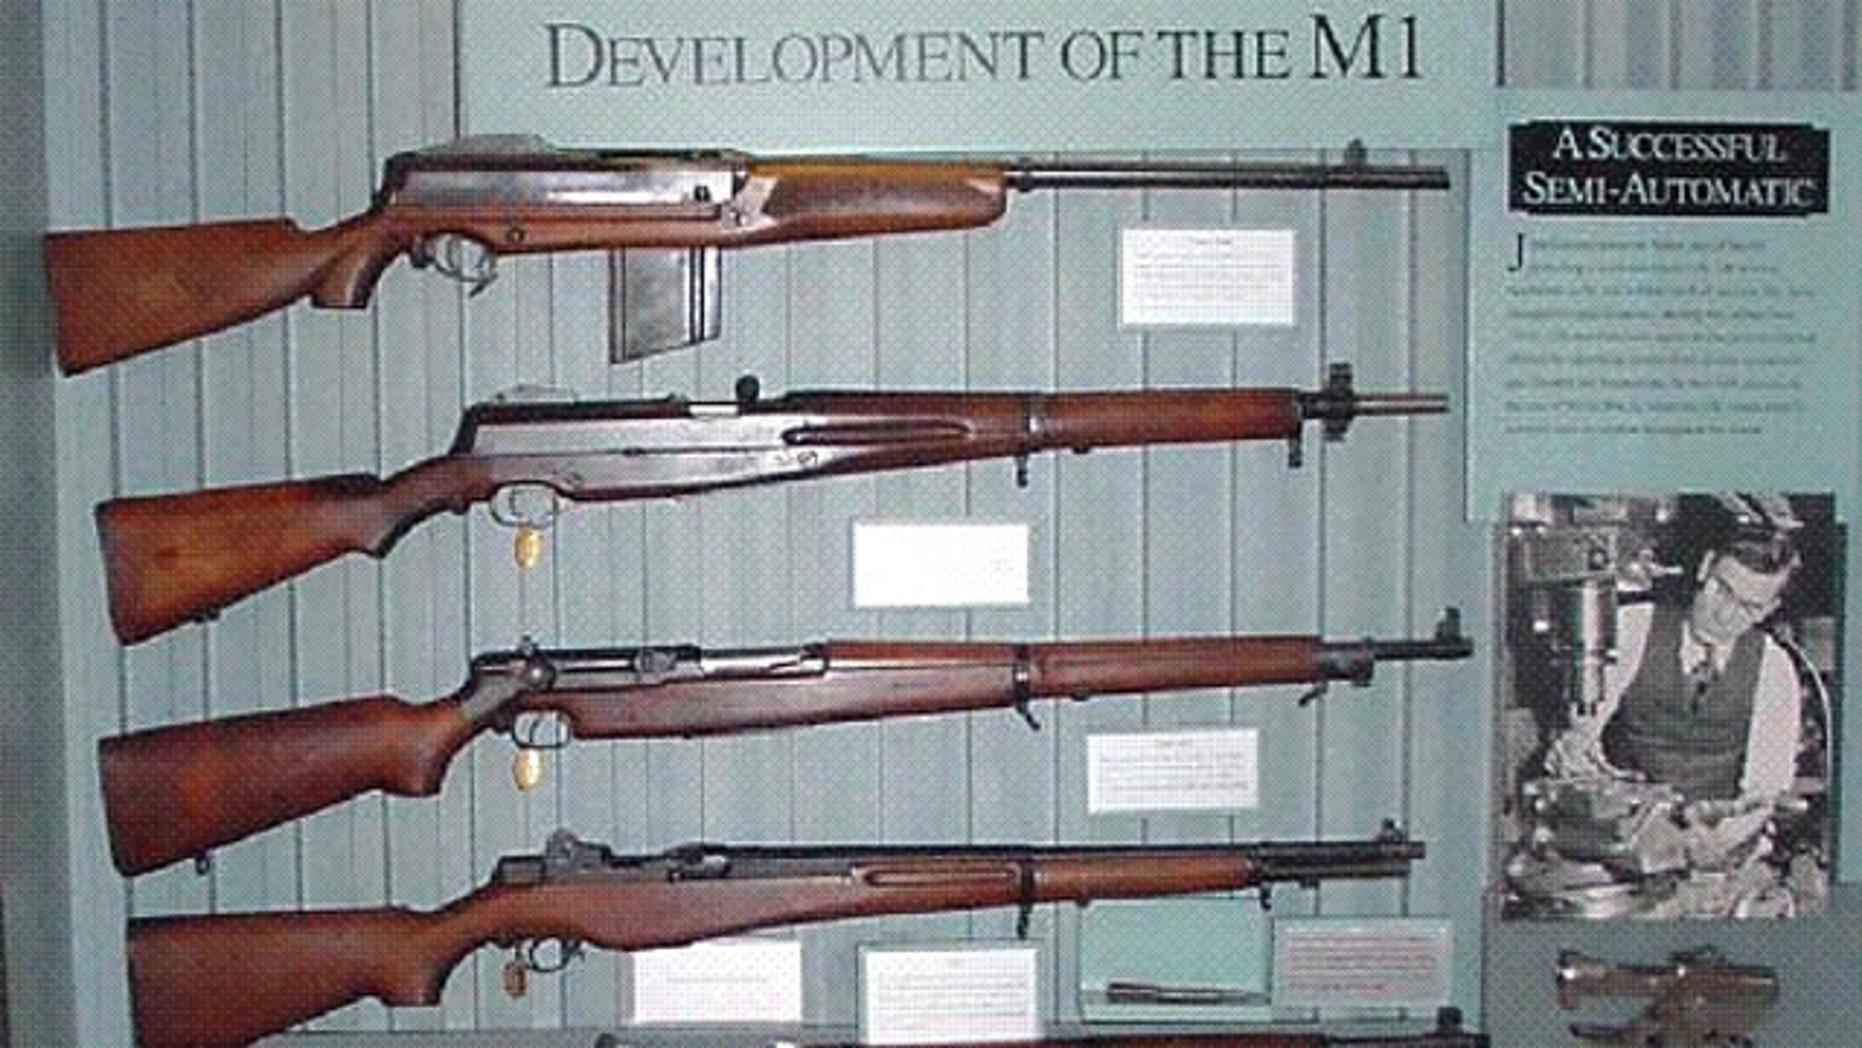 A photo of M1 Garands (National Park Service)